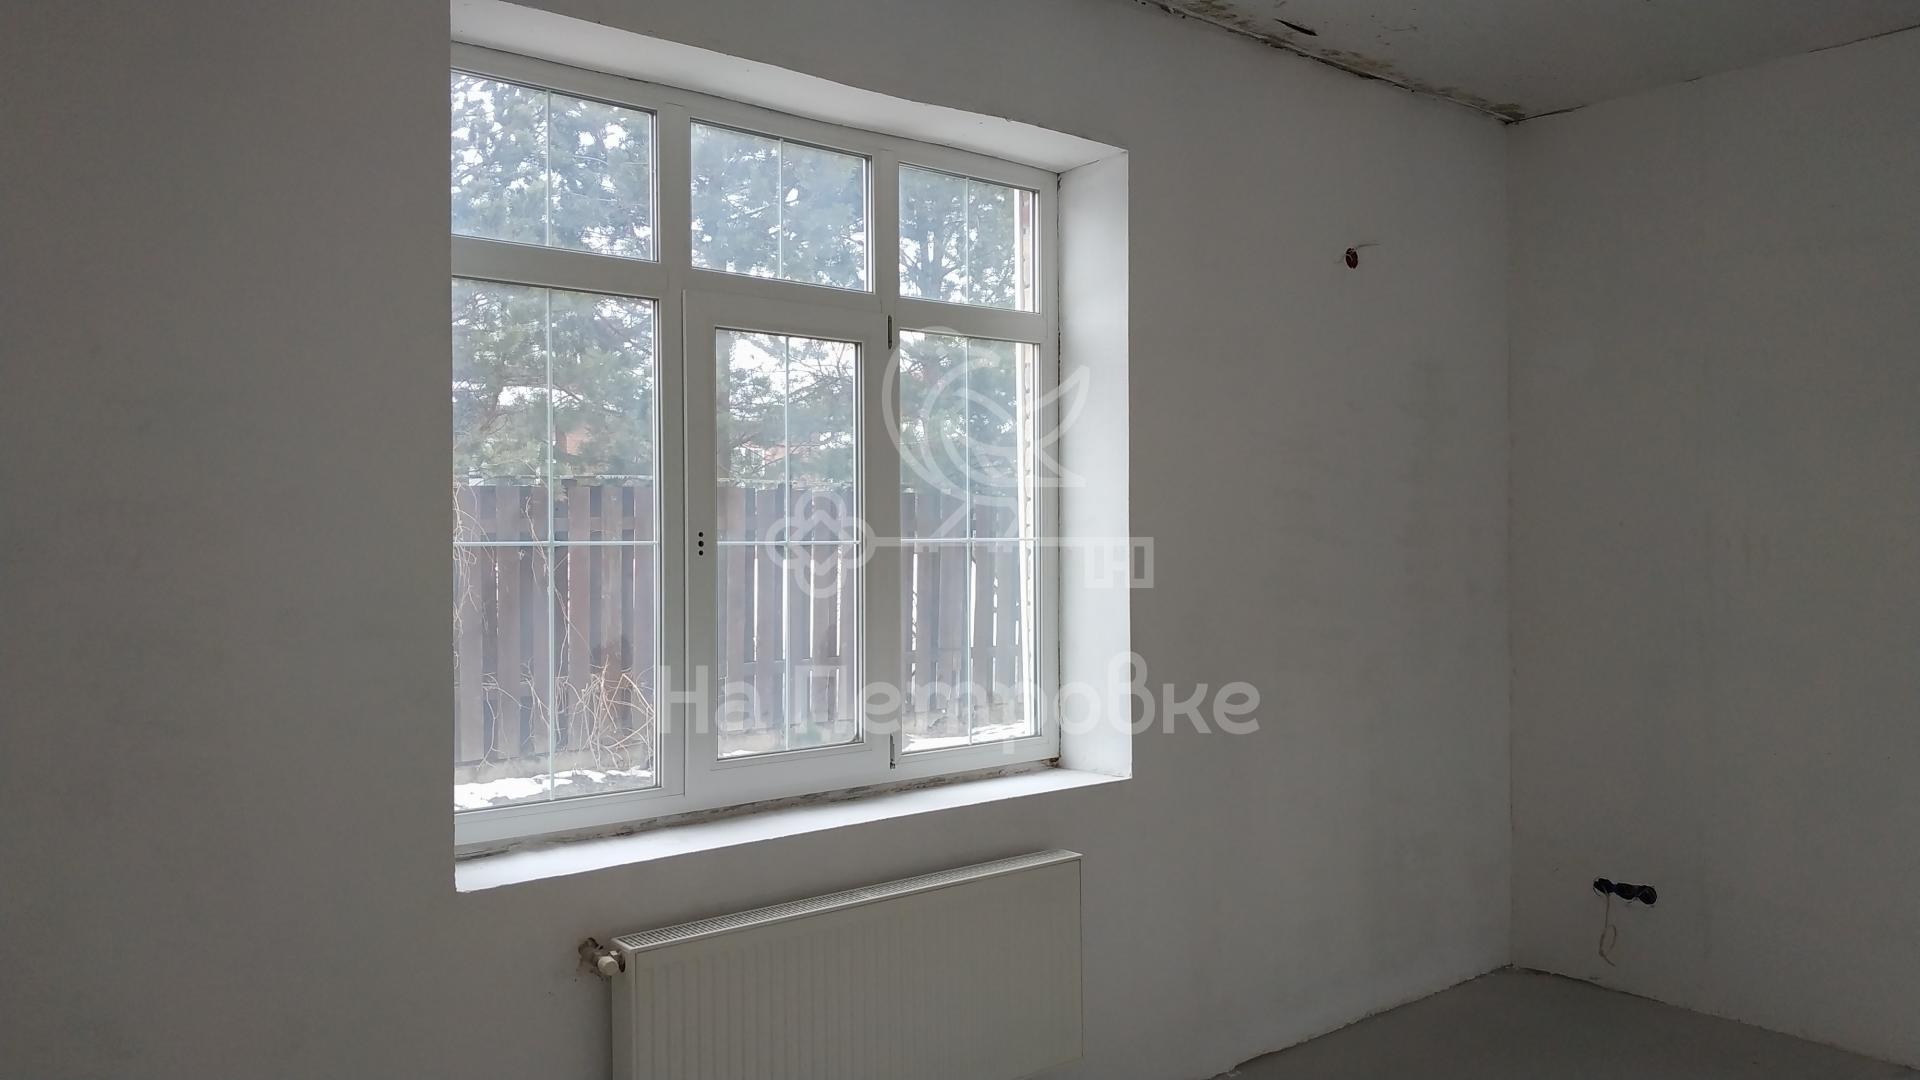 Продам дом по адресу Россия, Москва и Московская область, городской округ Истра, Новинки, 30 фото 3 по выгодной цене